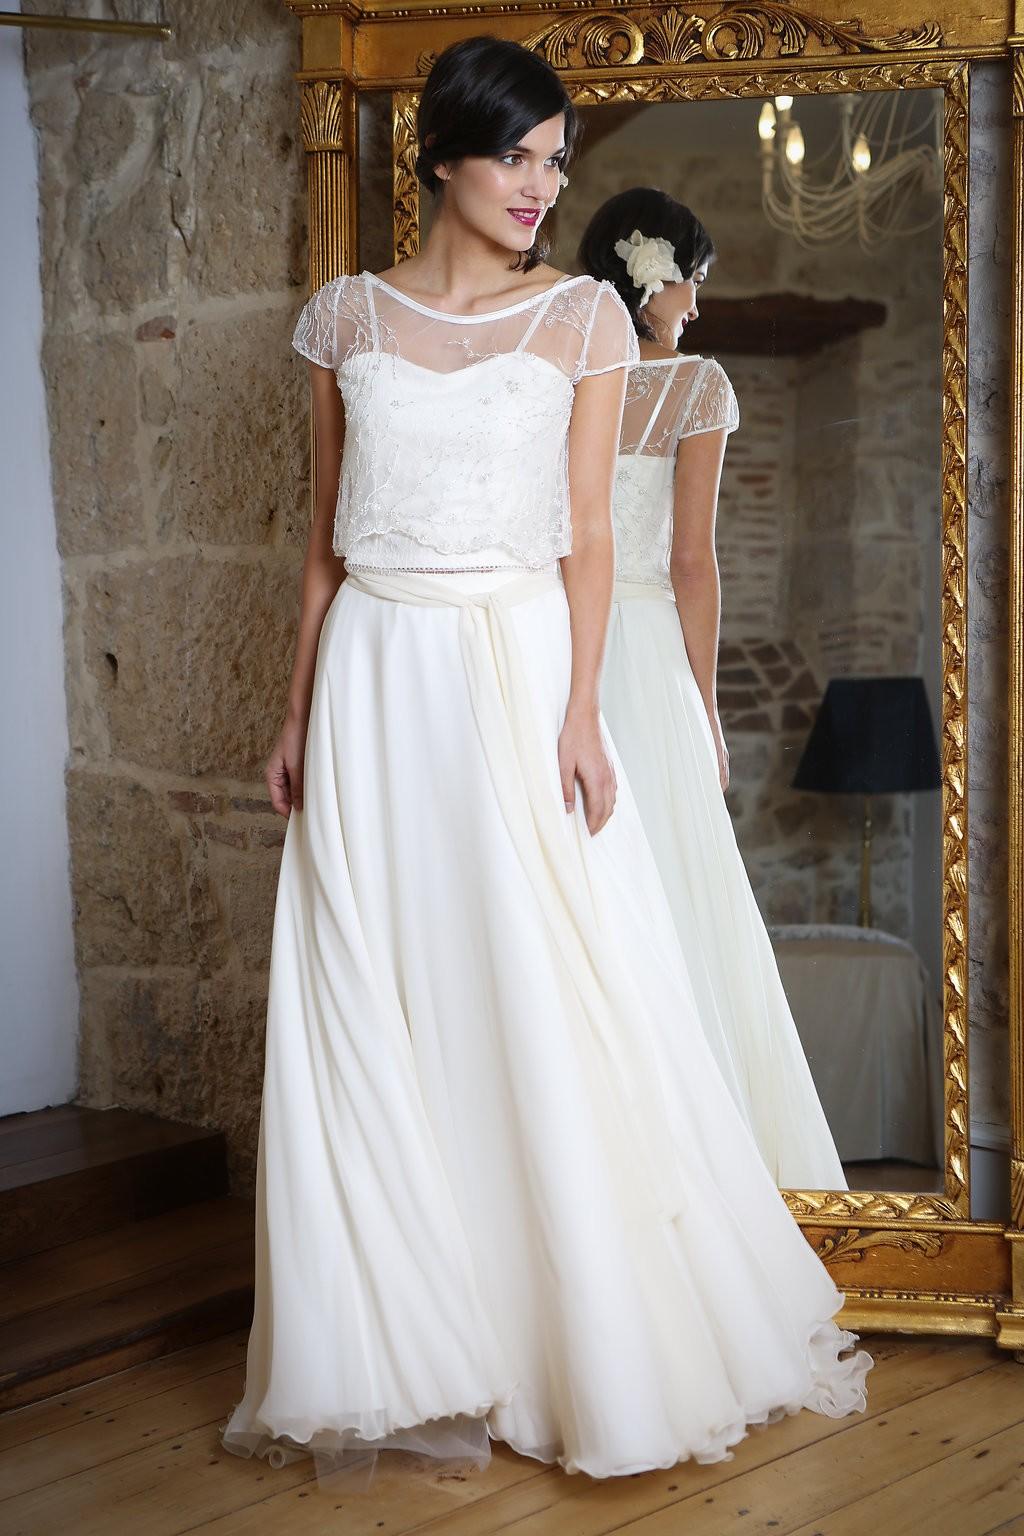 77ad07fed09 La créatrice Elsa Gary a bien compris le dilemme des « brides to be » et  propose une nouvelle collection de robes de mariée pour tous les styles et  à des ...